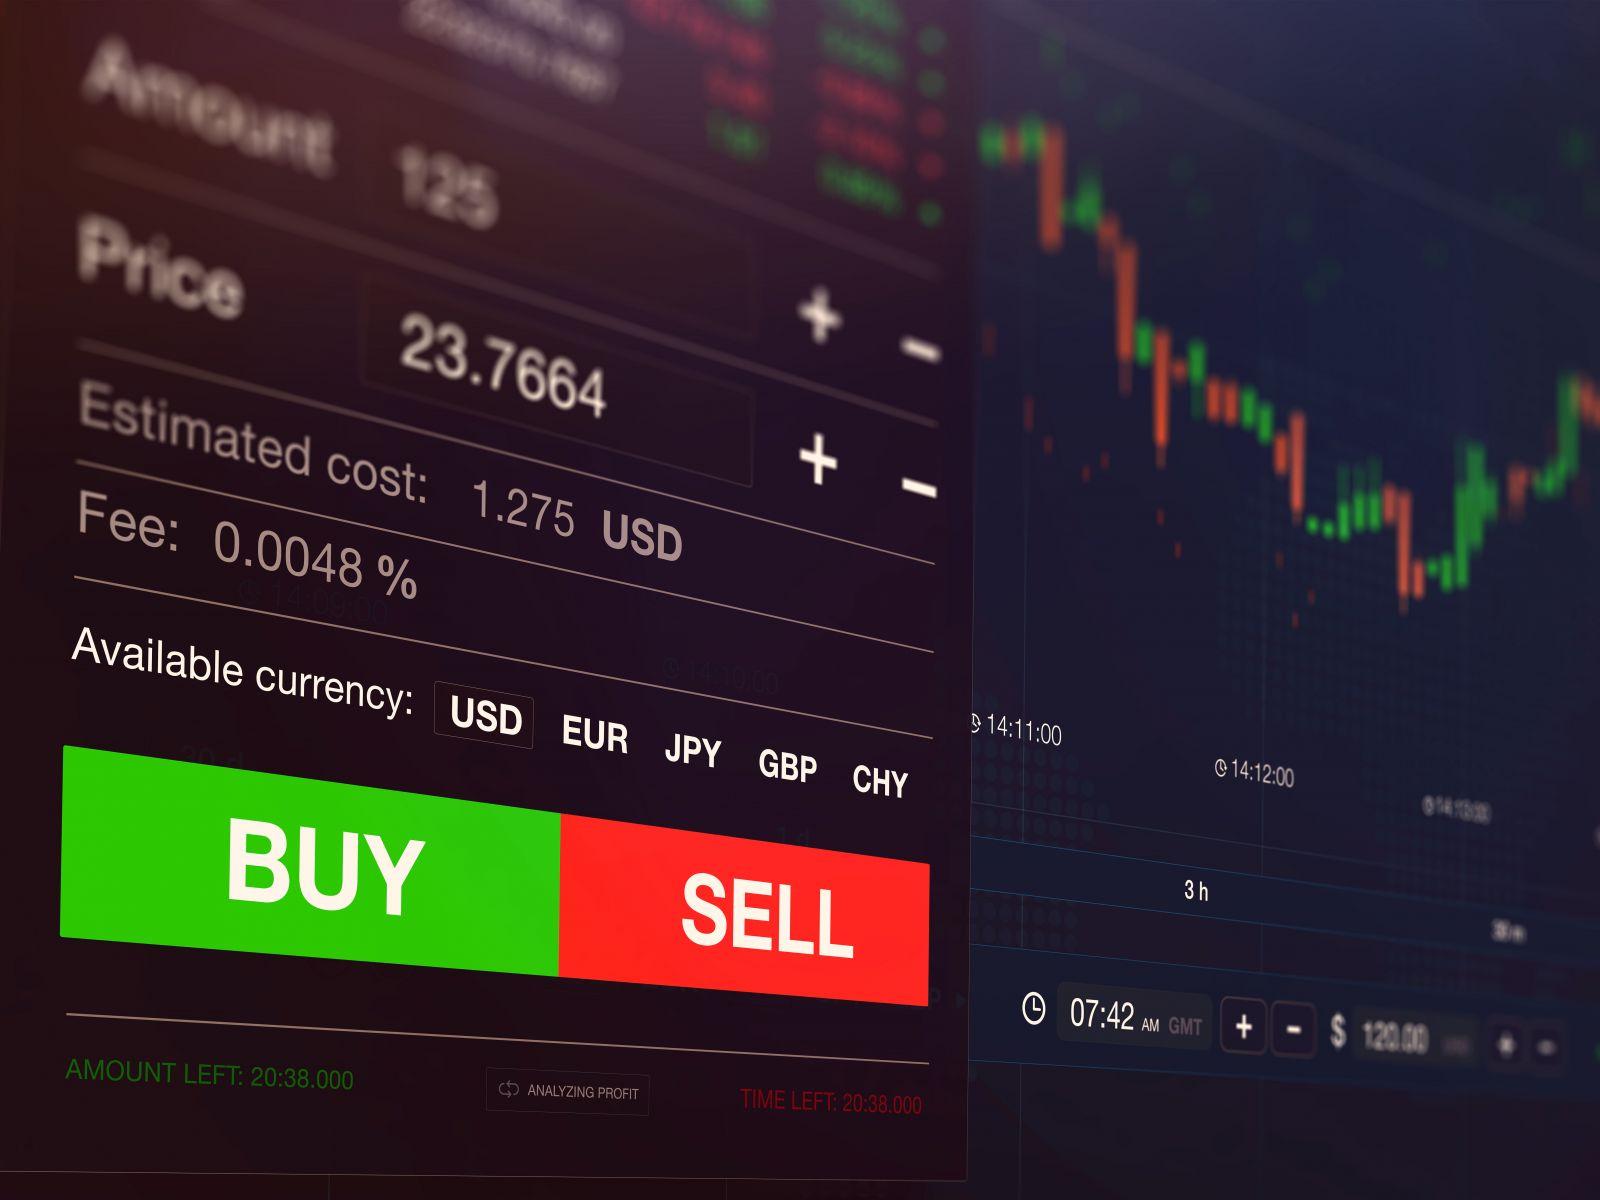 為何買賣訊號與結果會產生落差?